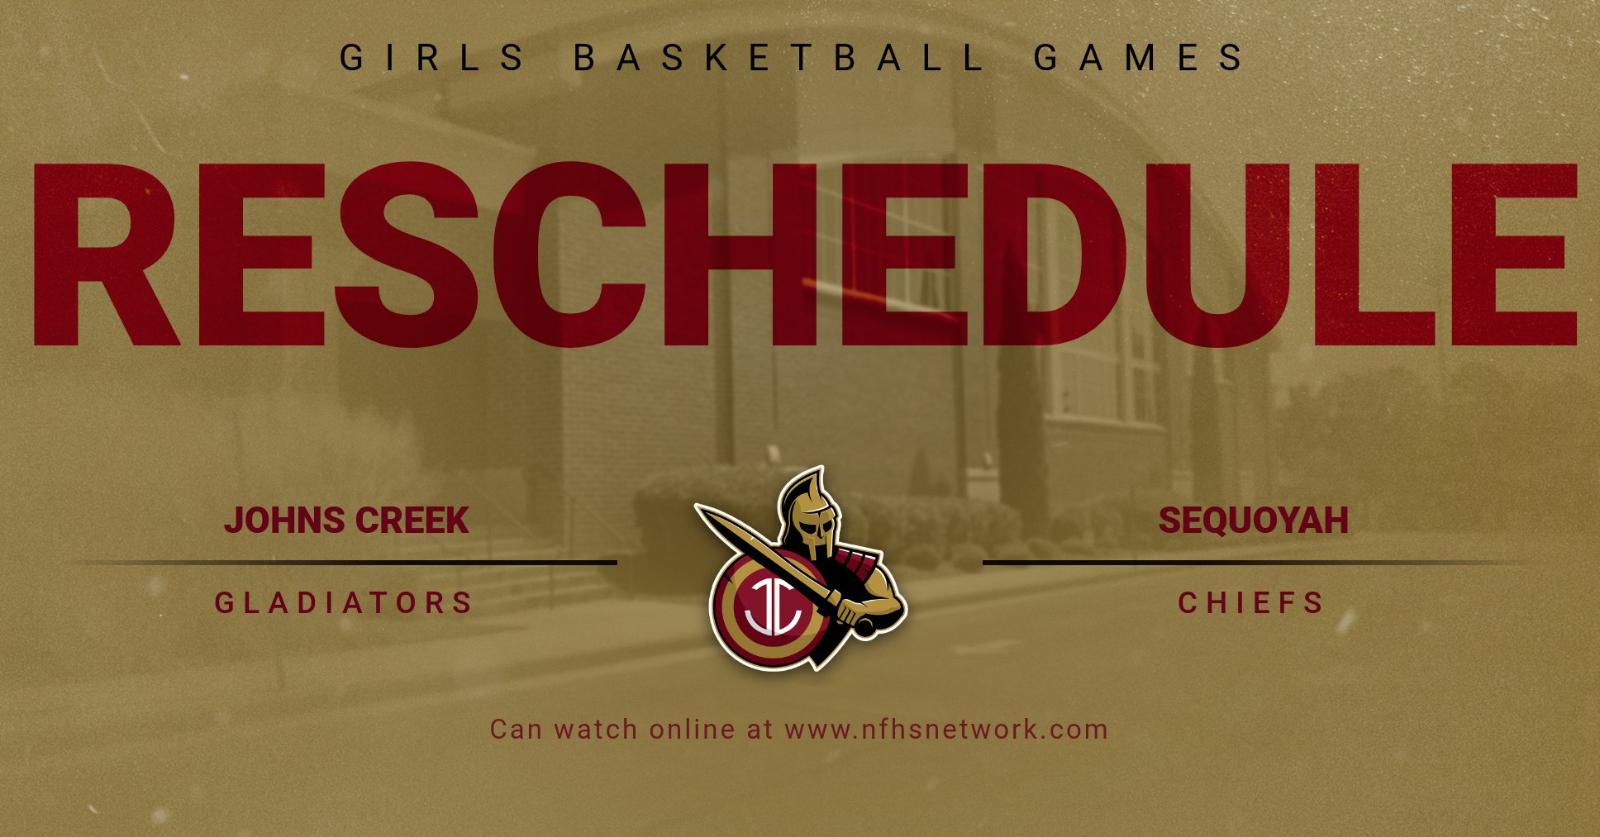 Girls Basketball Games Rescheduled